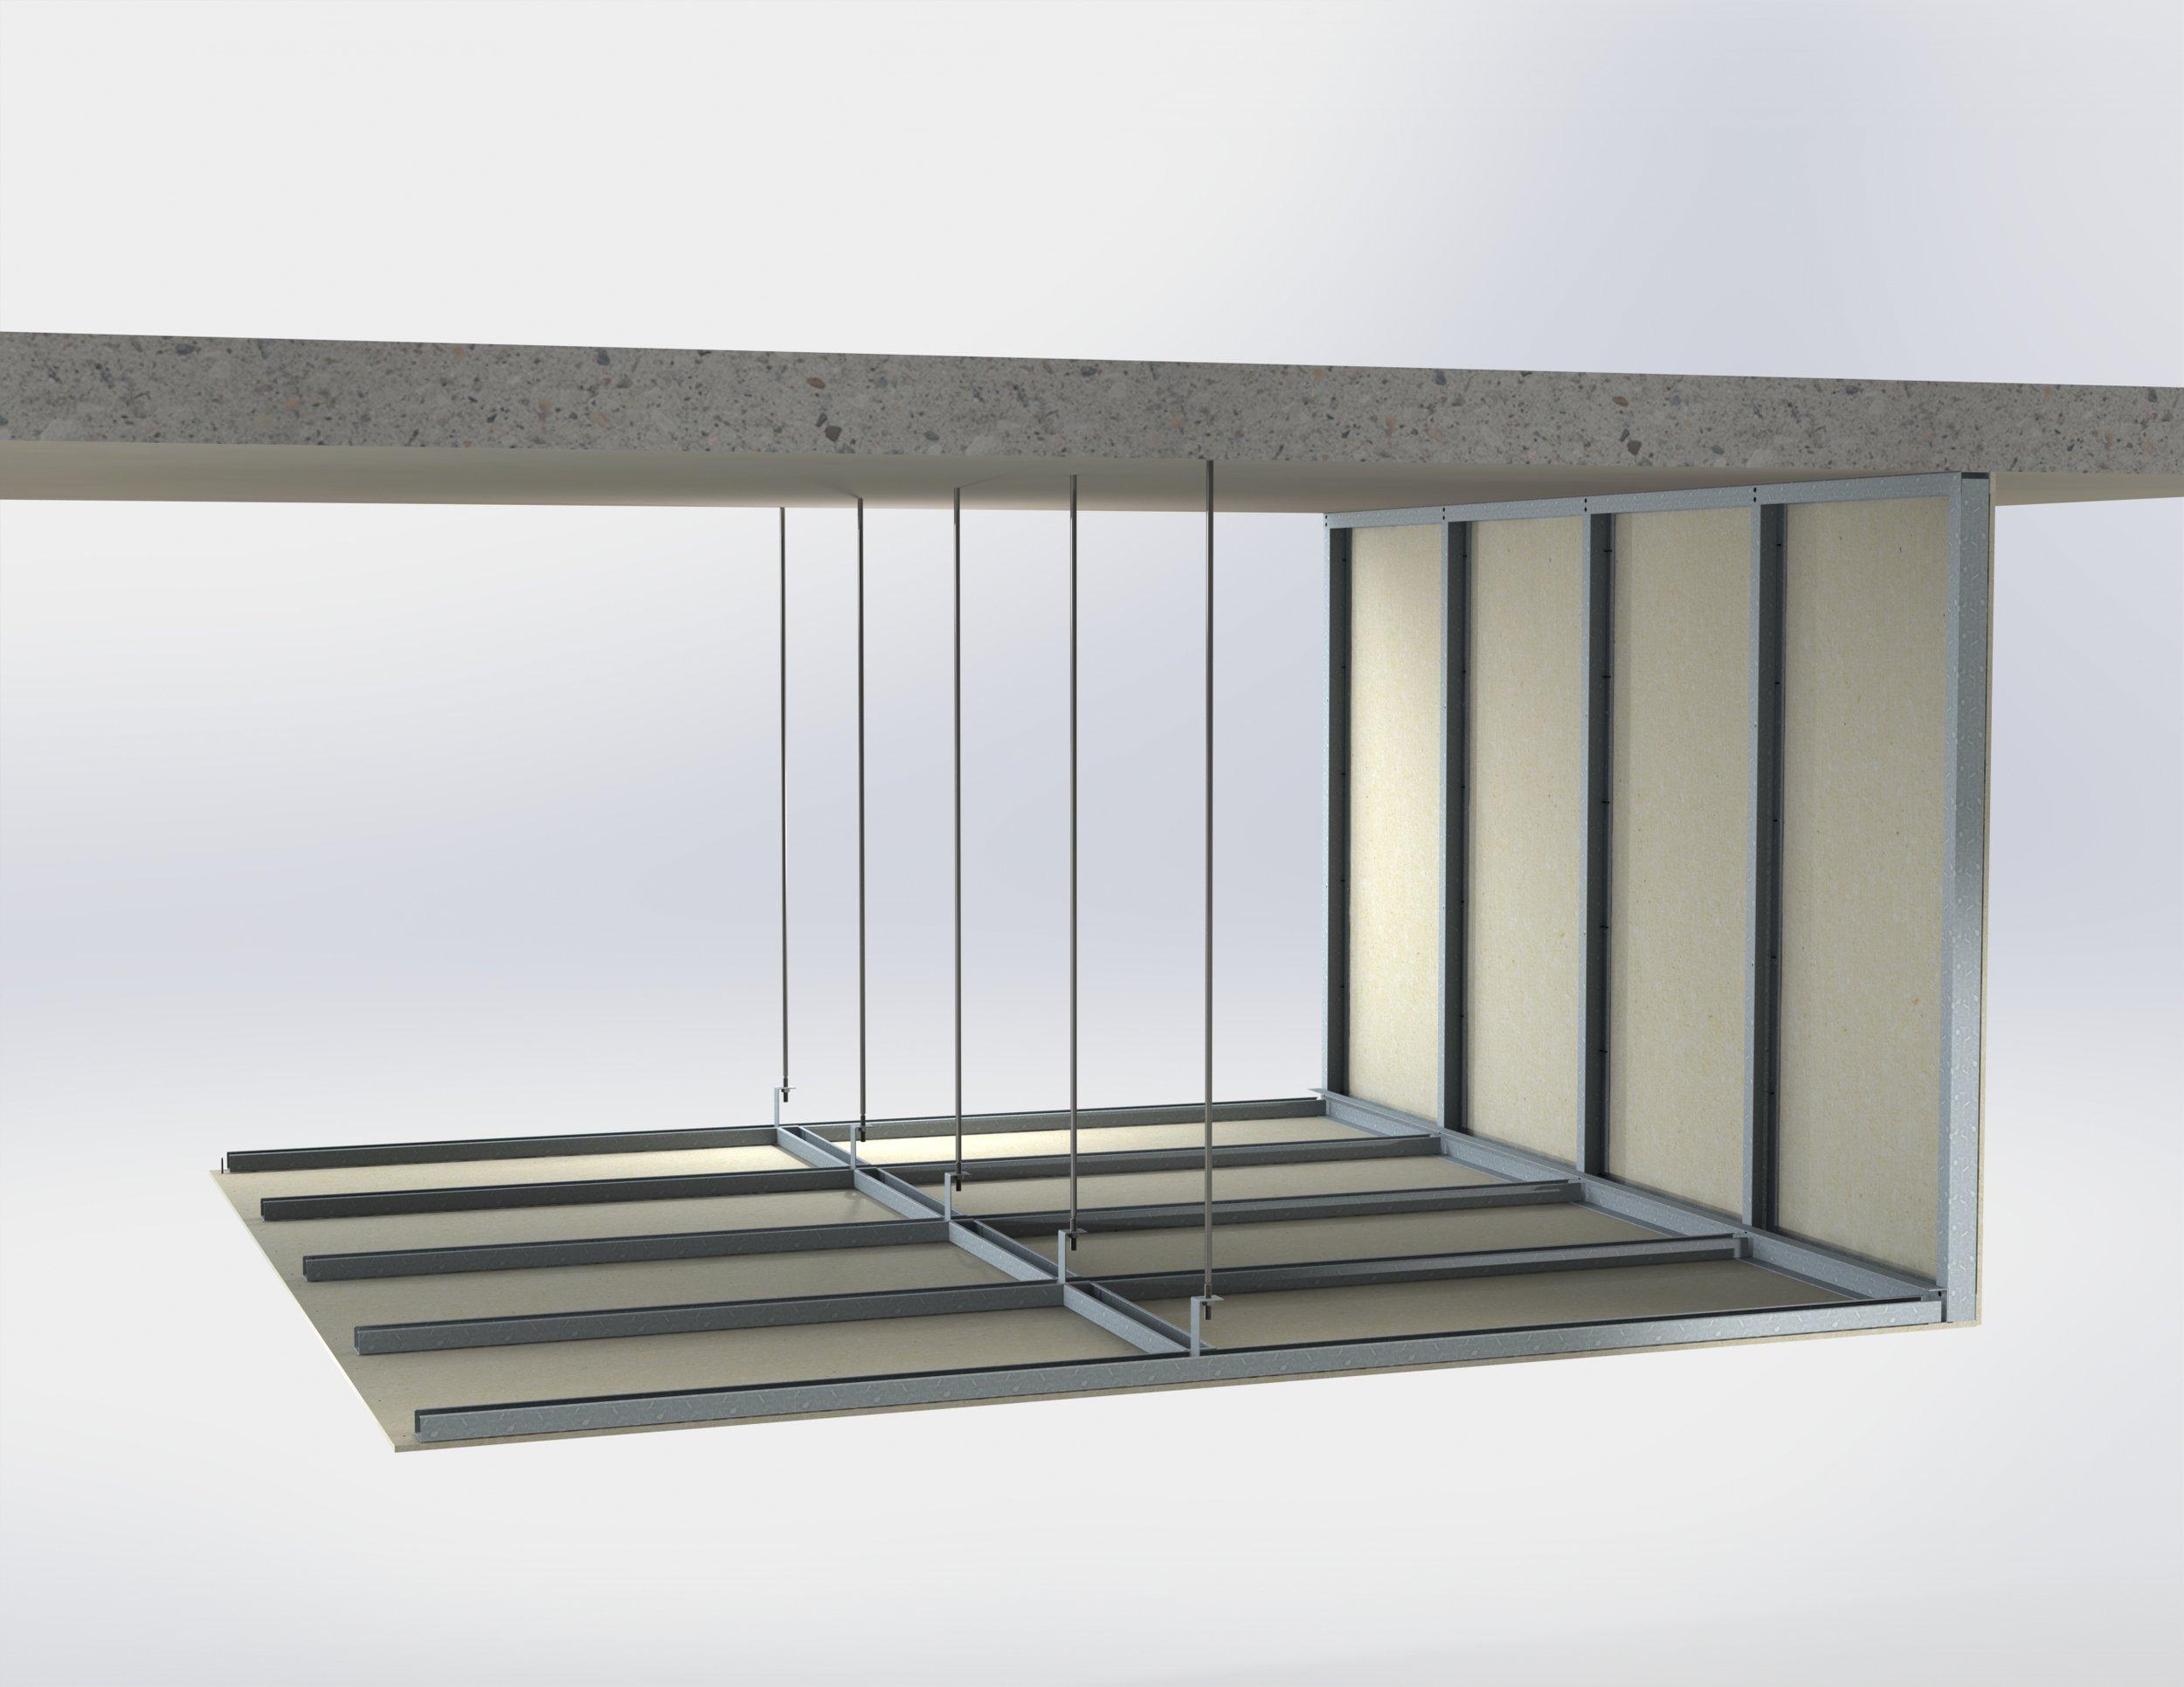 Water Resistant Ceilings & Roofs